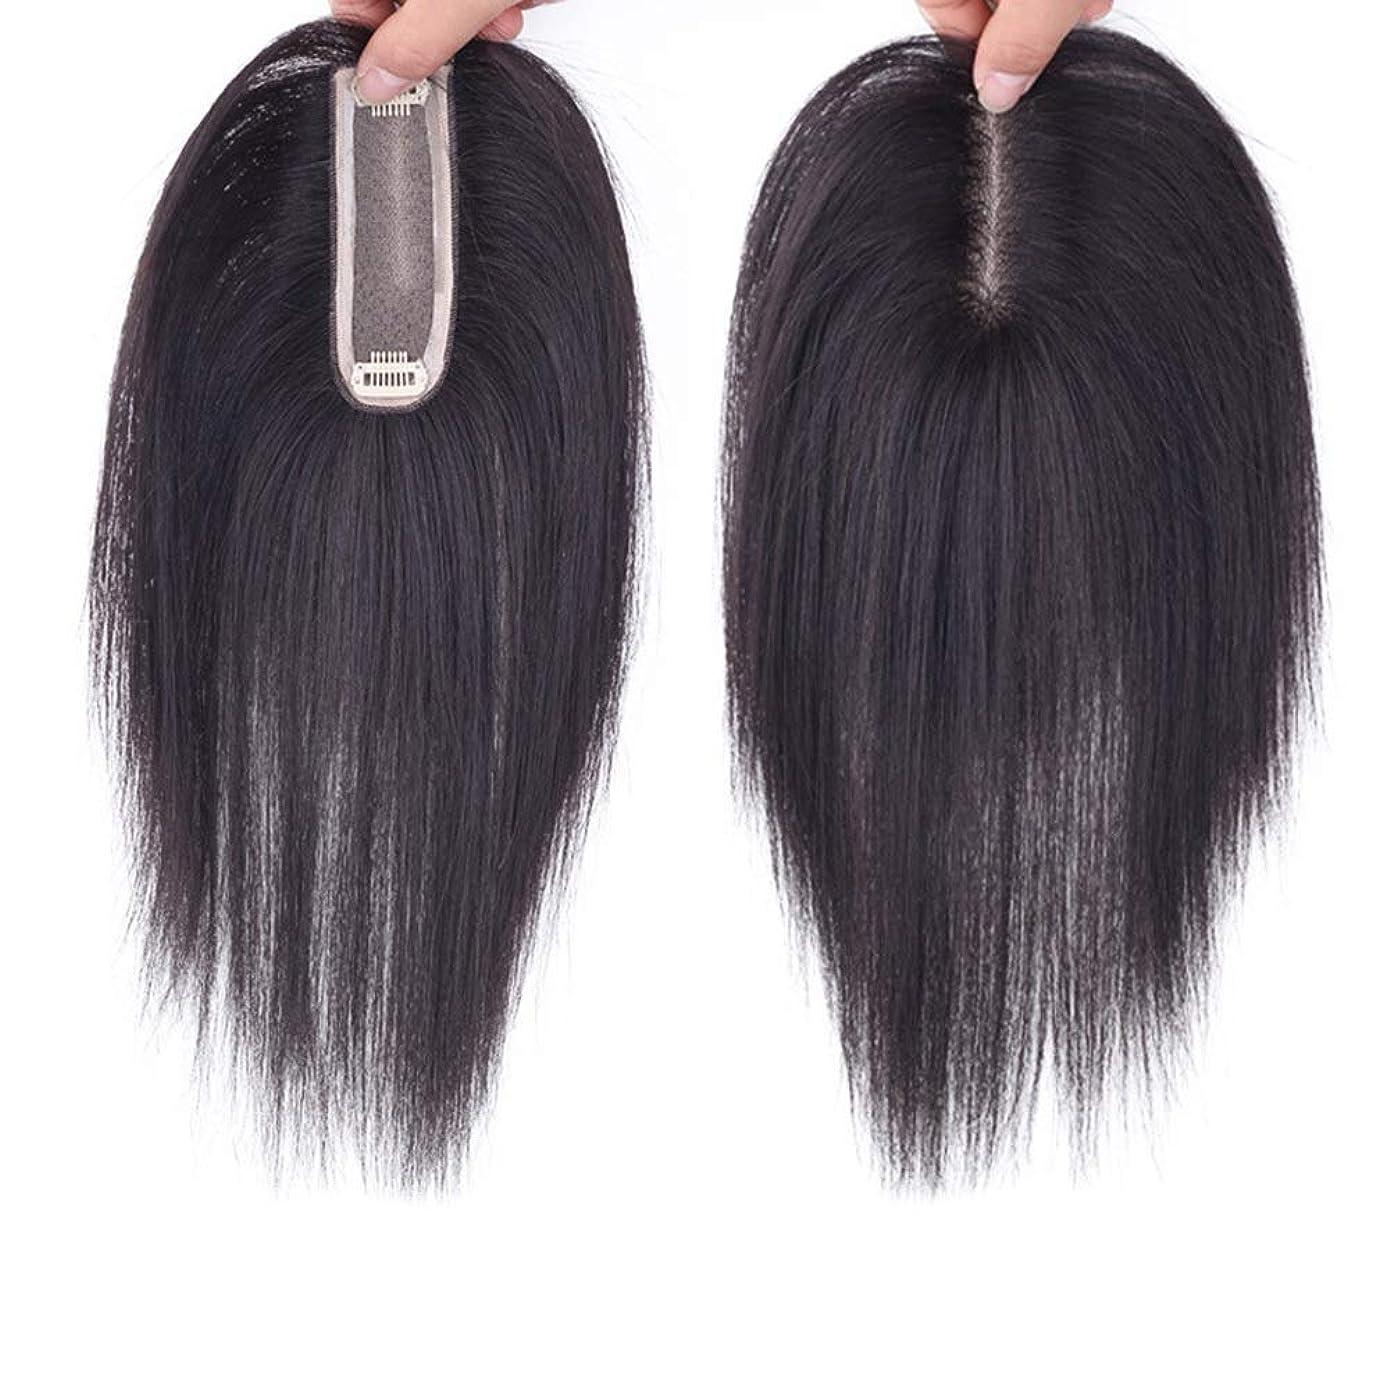 最終的にマウス詩人Yrattary 女性のフルハンド織り髪人間の髪の毛のかつらクリップヘアエクステンションダークブラウンコンポジットヘアレースかつらロールプレイングウィッグロングとショートの女性自然 (色 : [4x11] 25cm natural black)